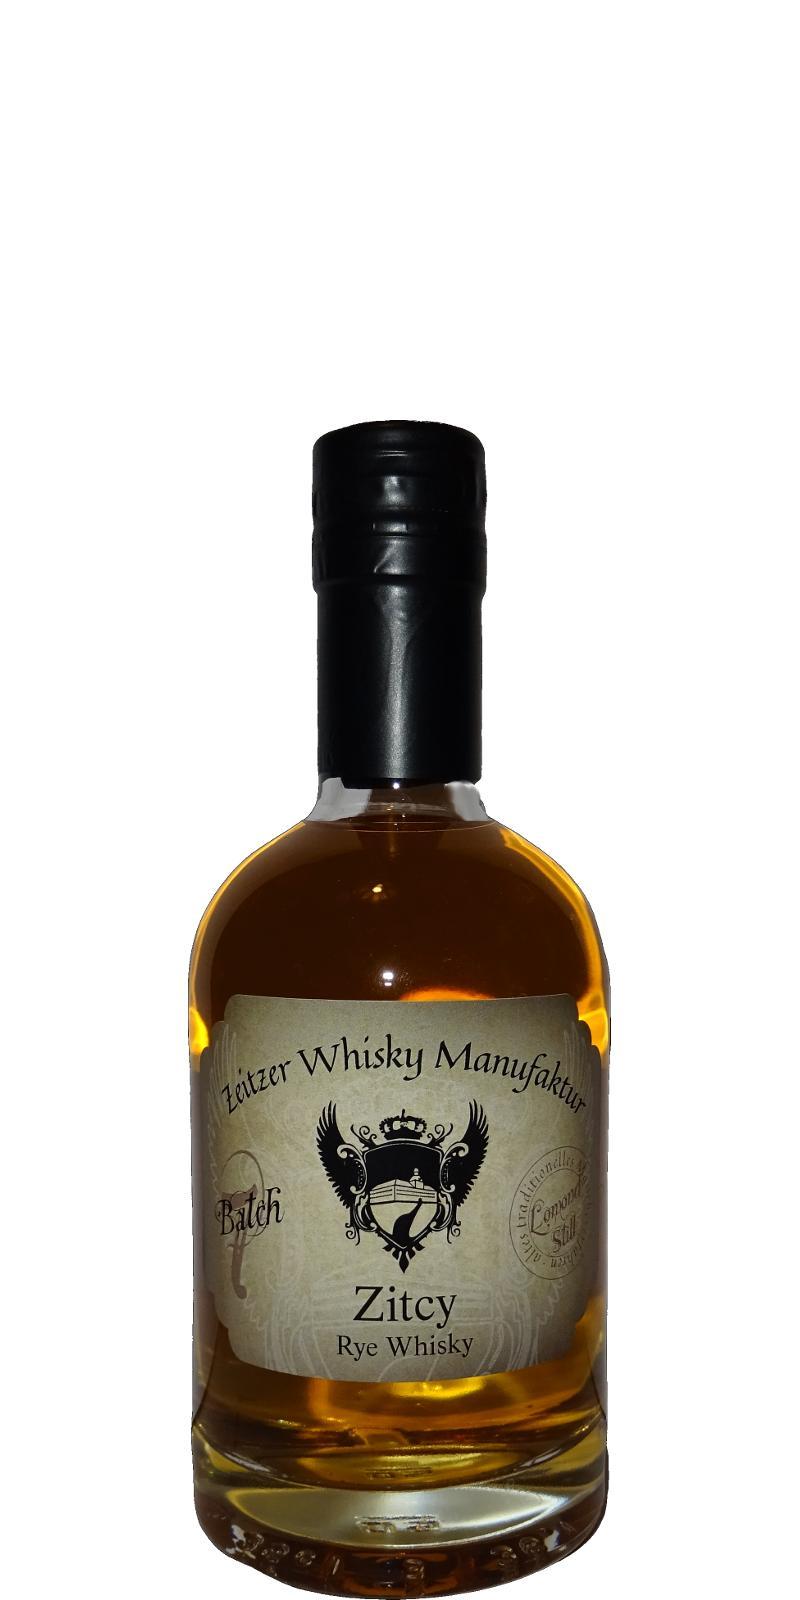 Zitcy Rye Whisky